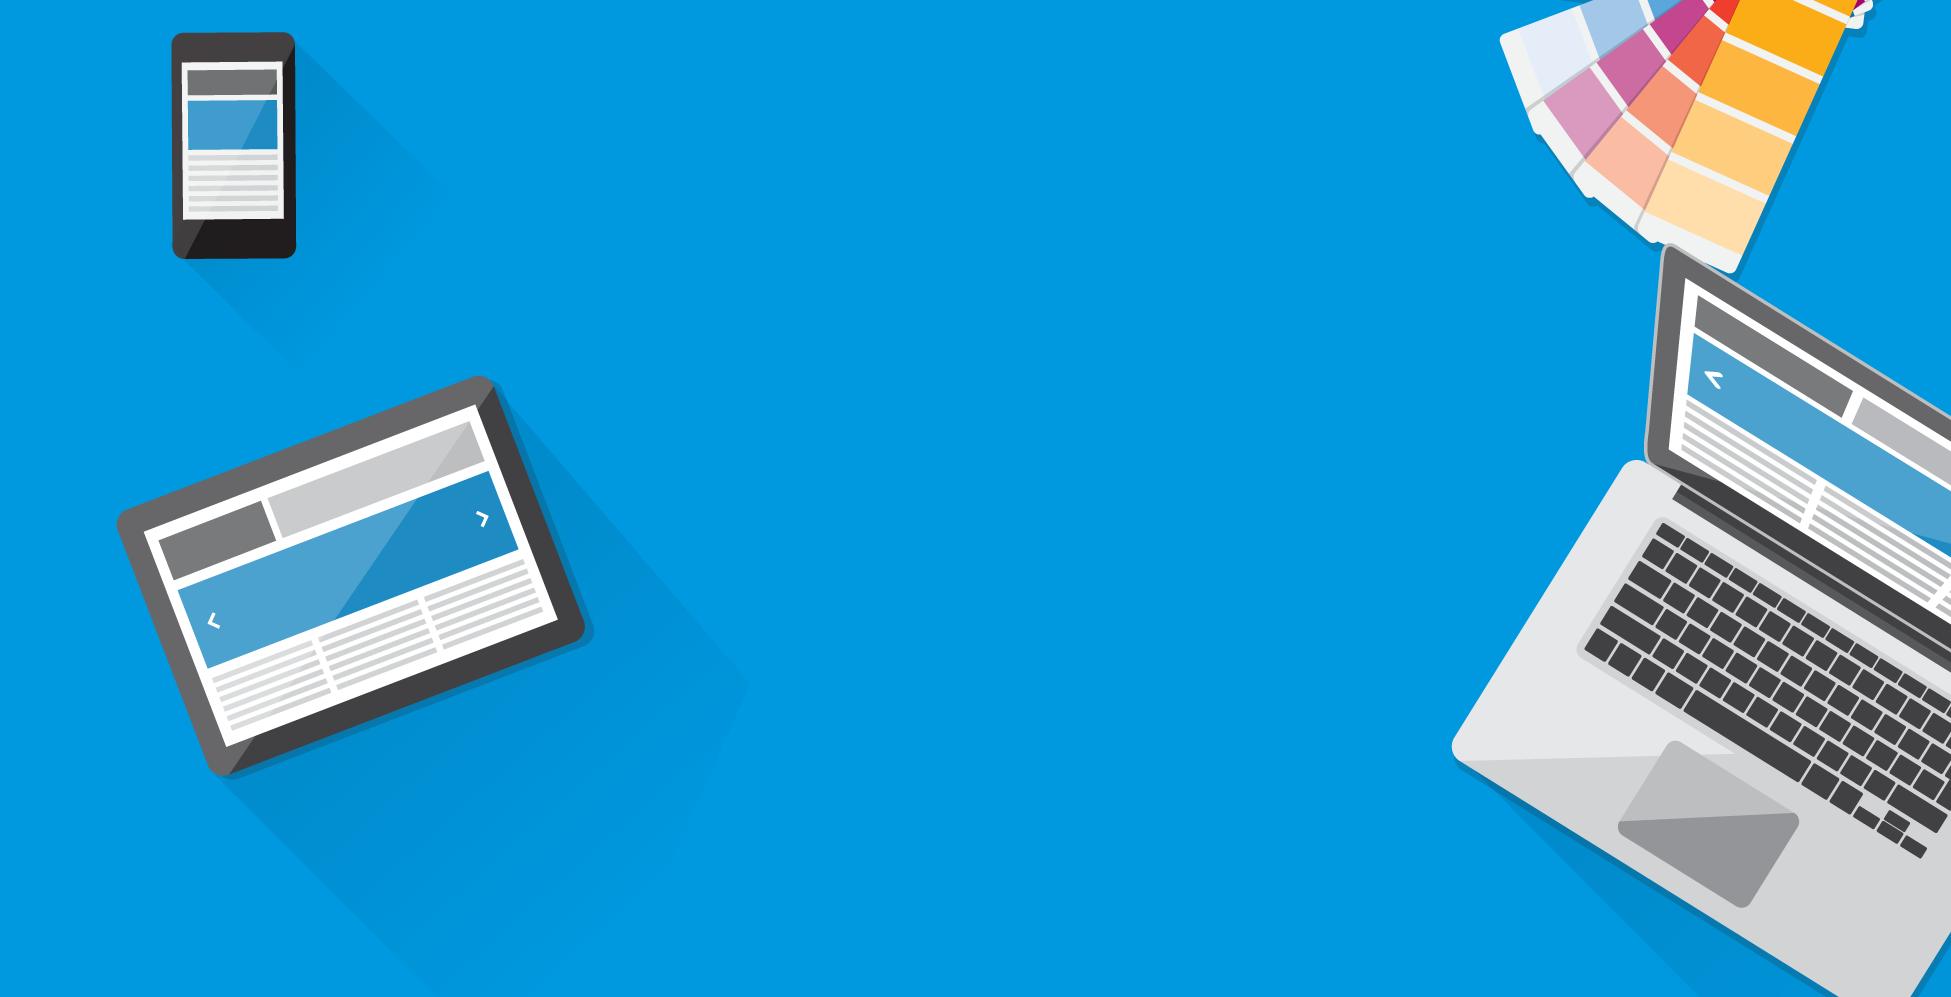 web-design-header-blue.png